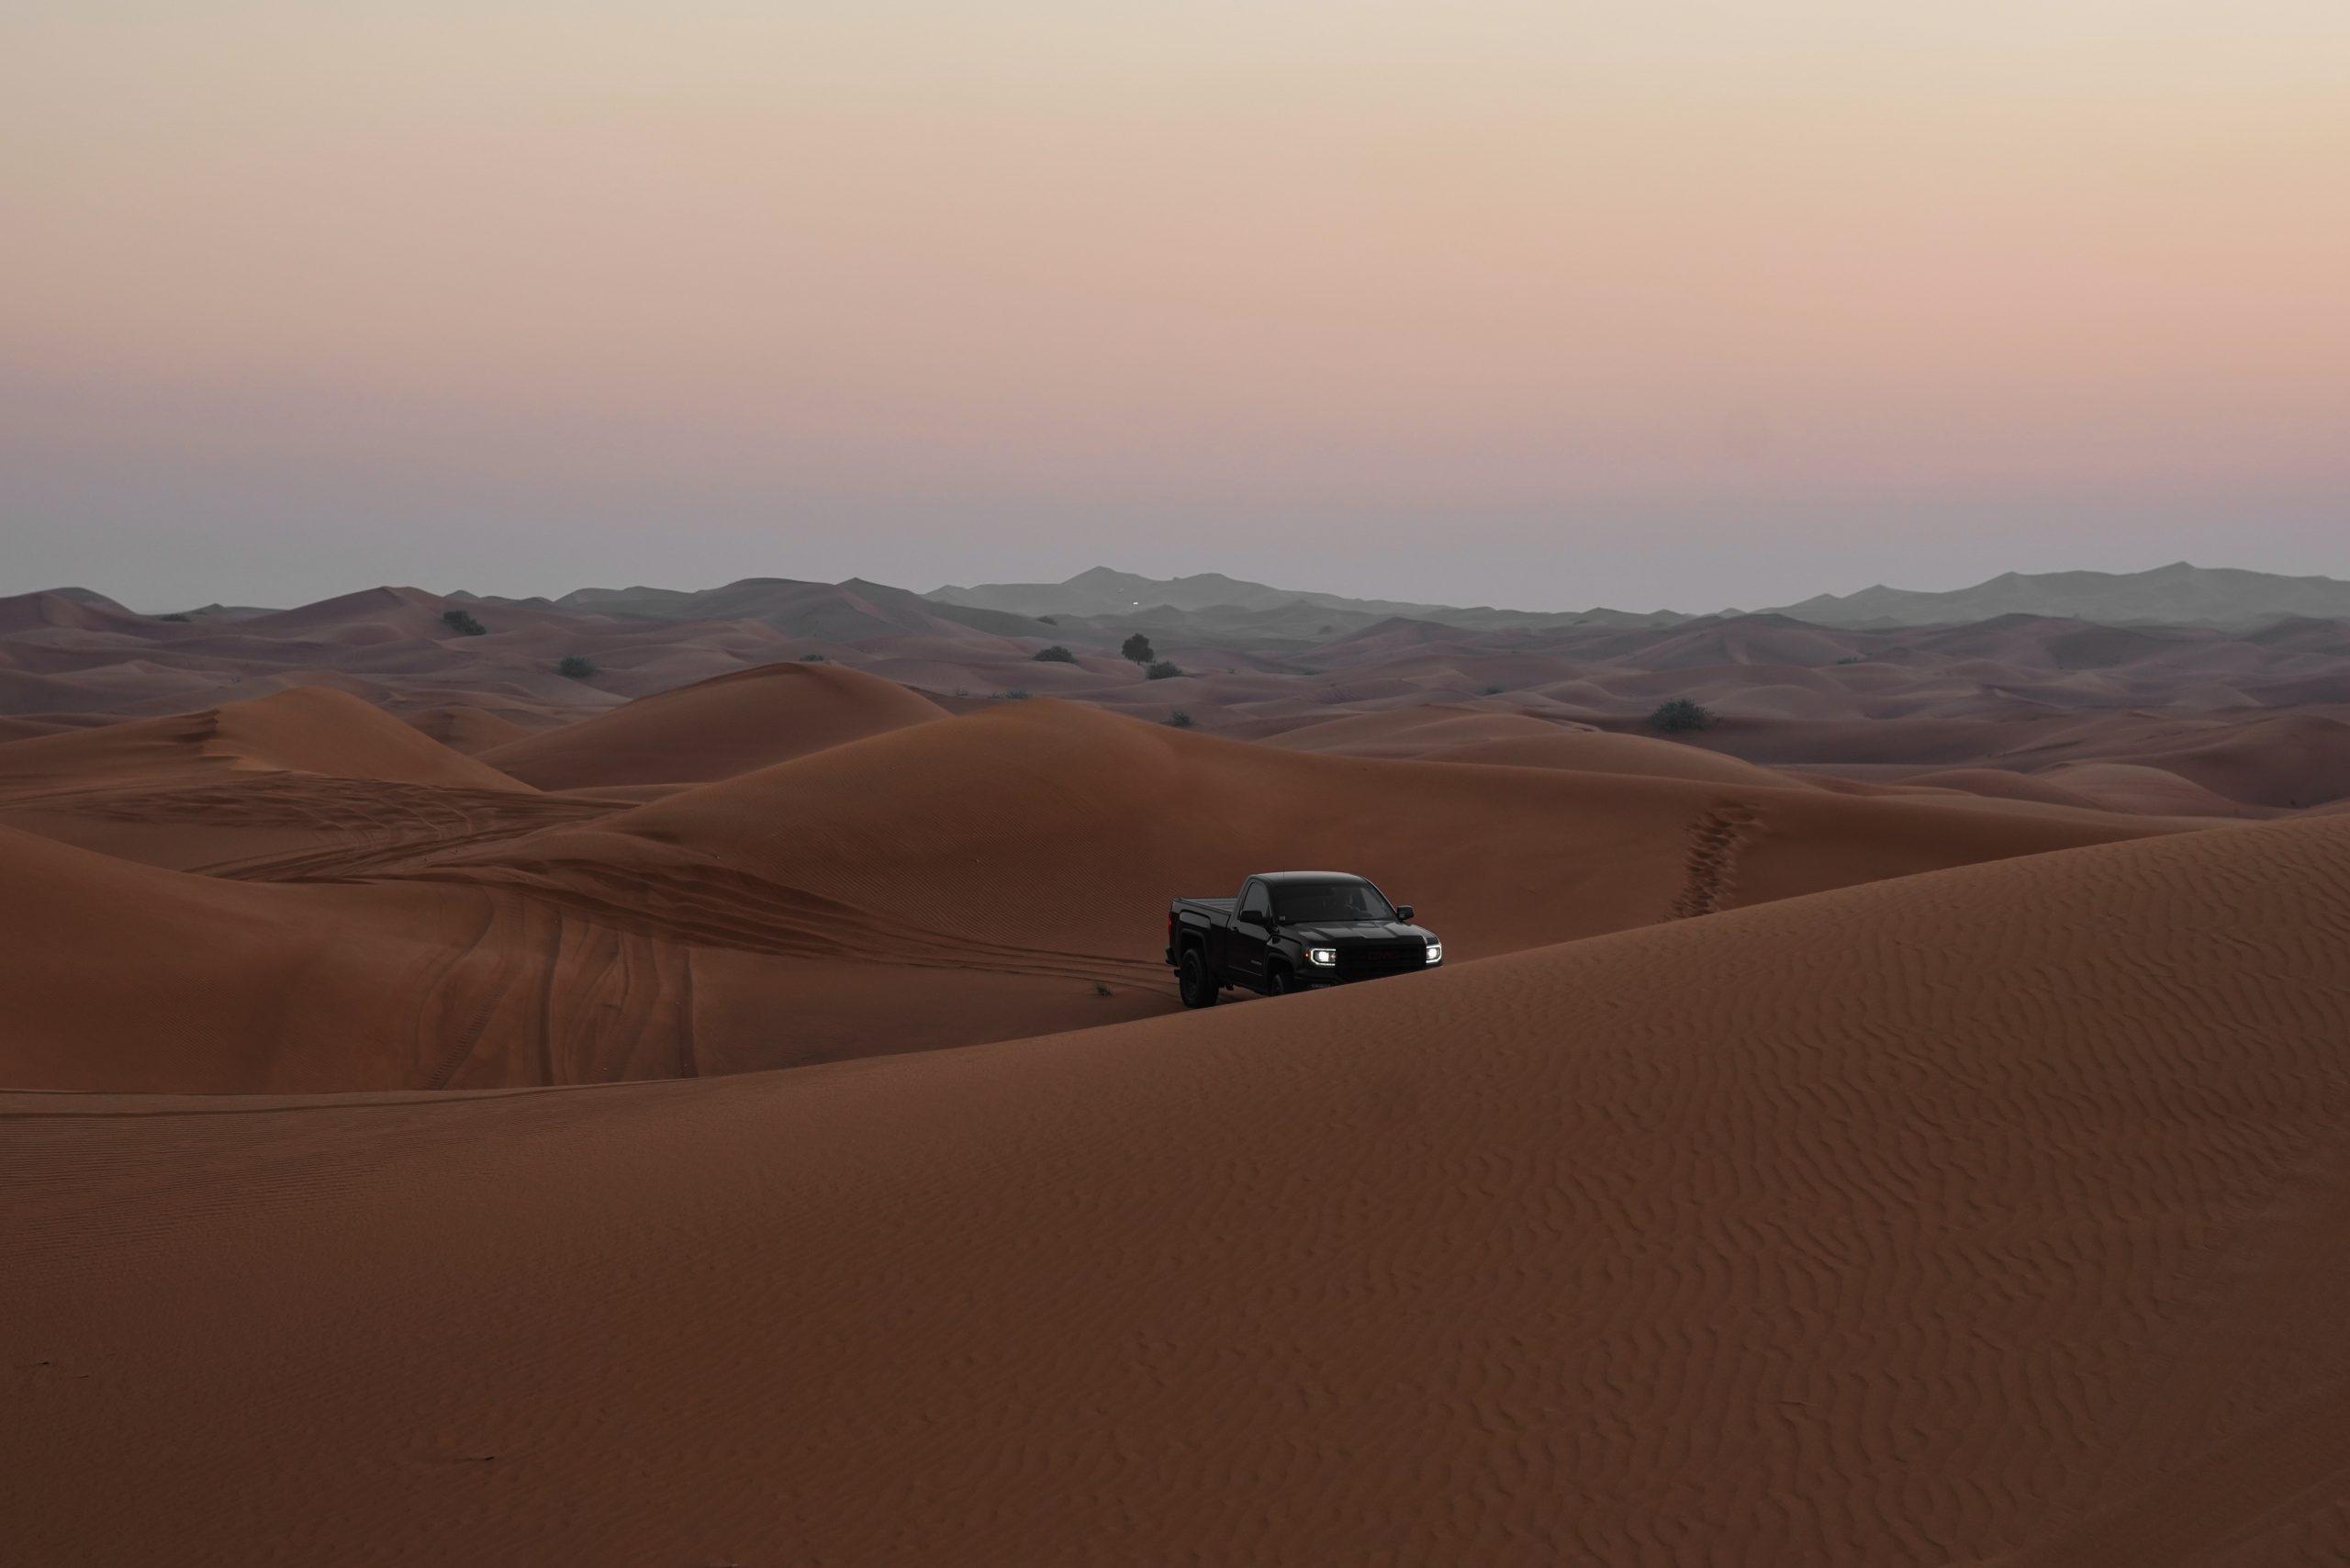 A car in a desert